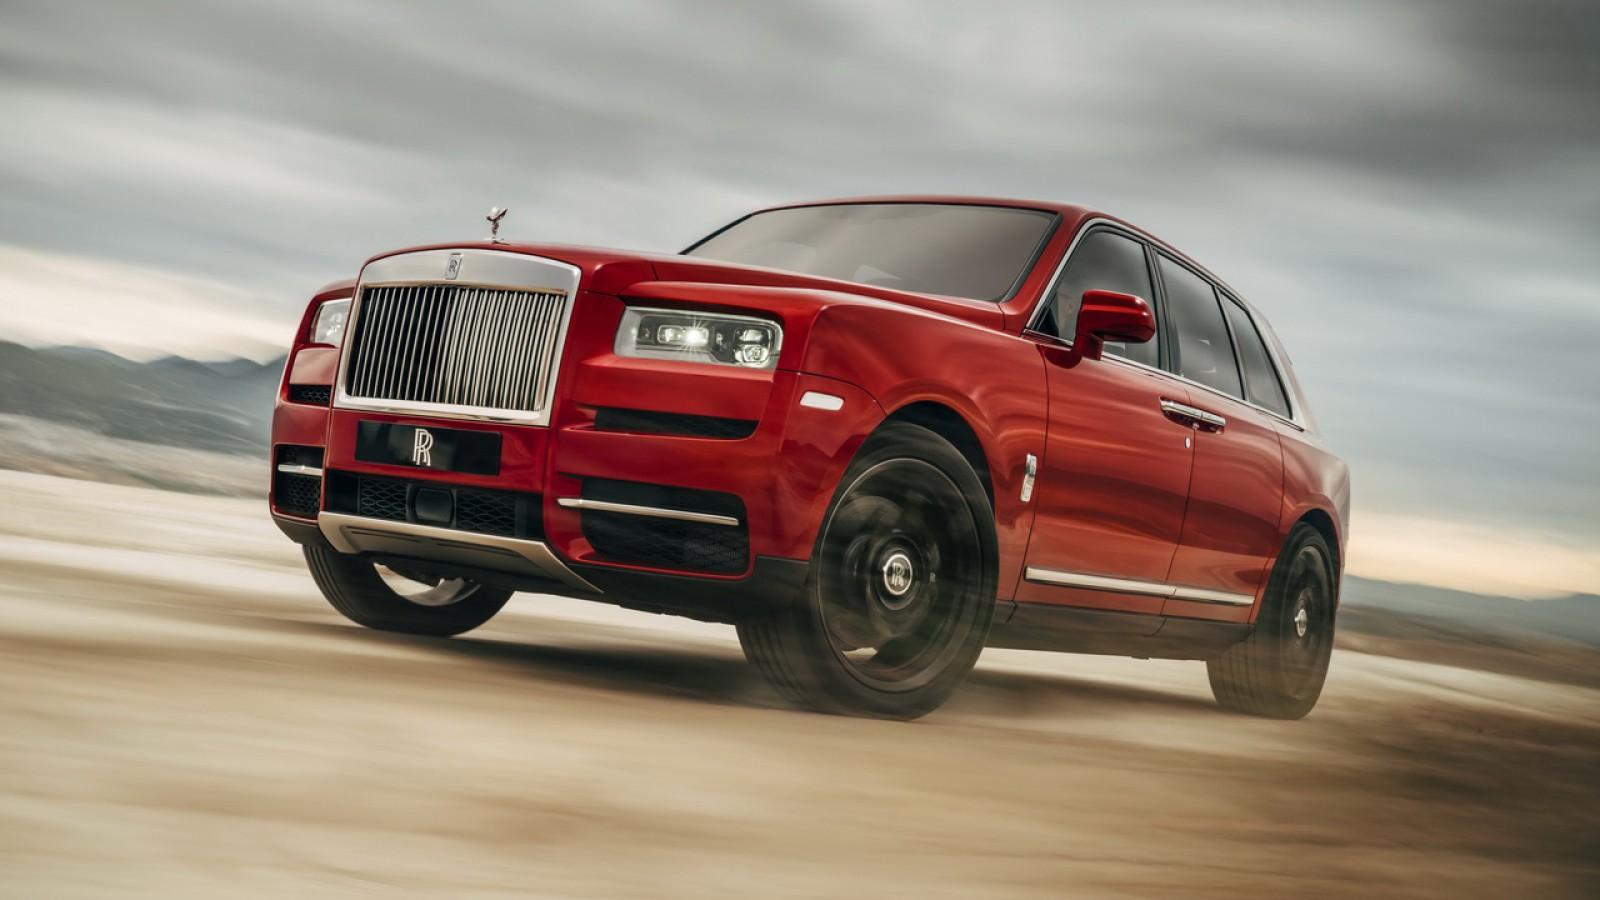 (video) Premieră mondială: Noul Rolls-Royce Cullinan – Rolls-Royce-ul tuturor SUV-urilor